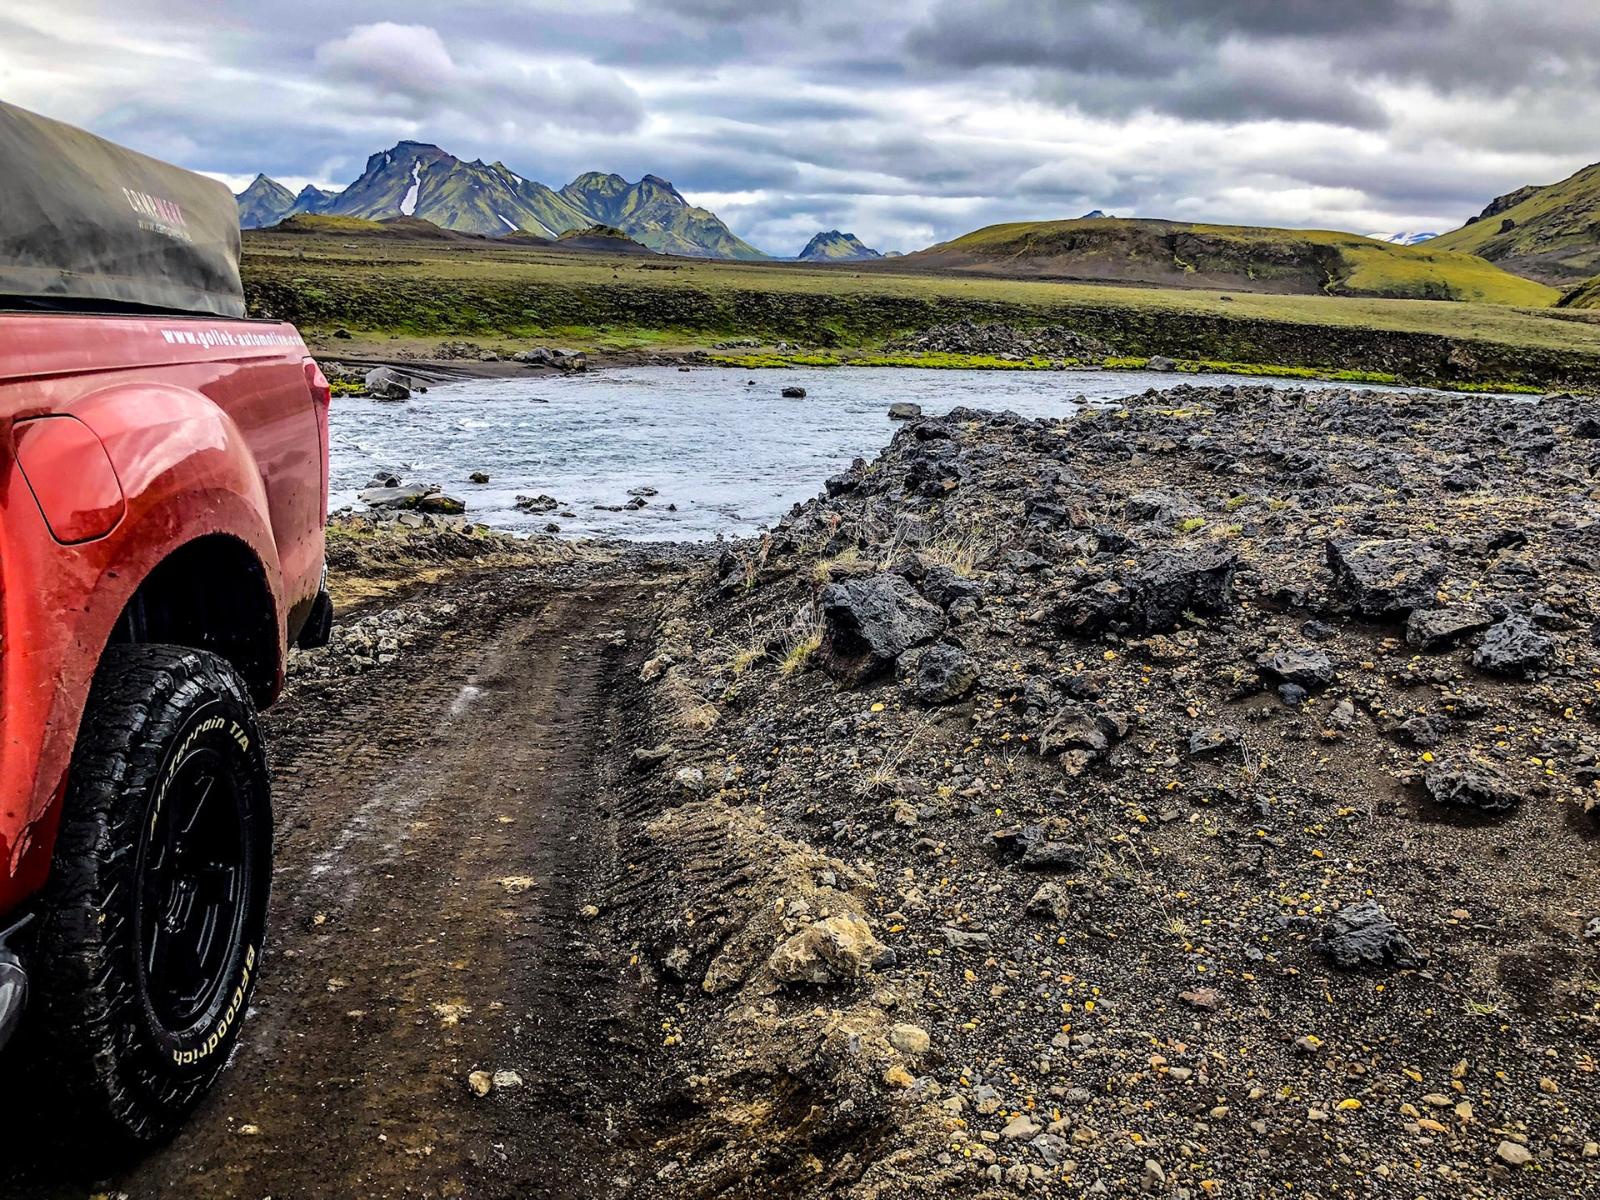 Neue Islandtour von Abenteuer4x4 - Island birgt viele Herausforderungen für Offroader.